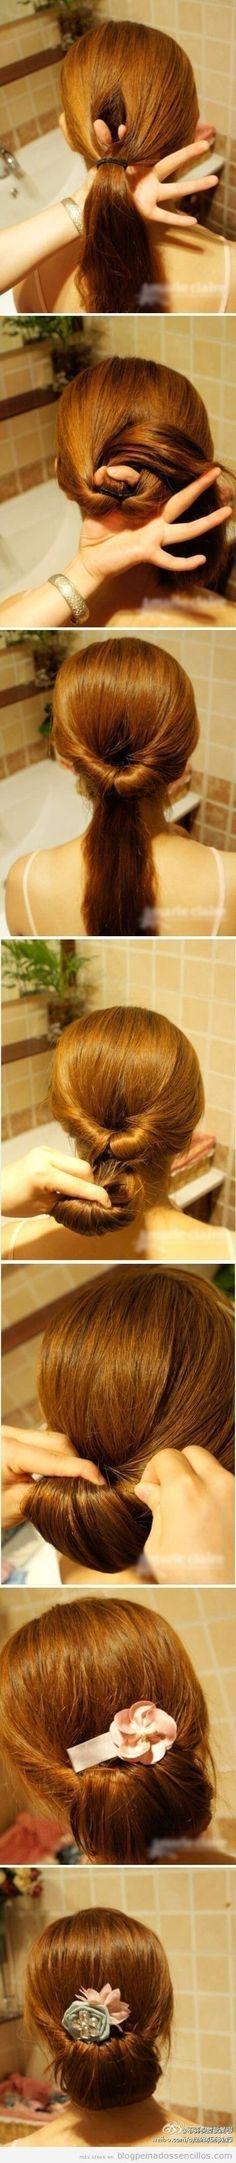 Von klassisch bis niedlich: Frisur Ideen für lange Haare - zweimal gedrehter Chignon